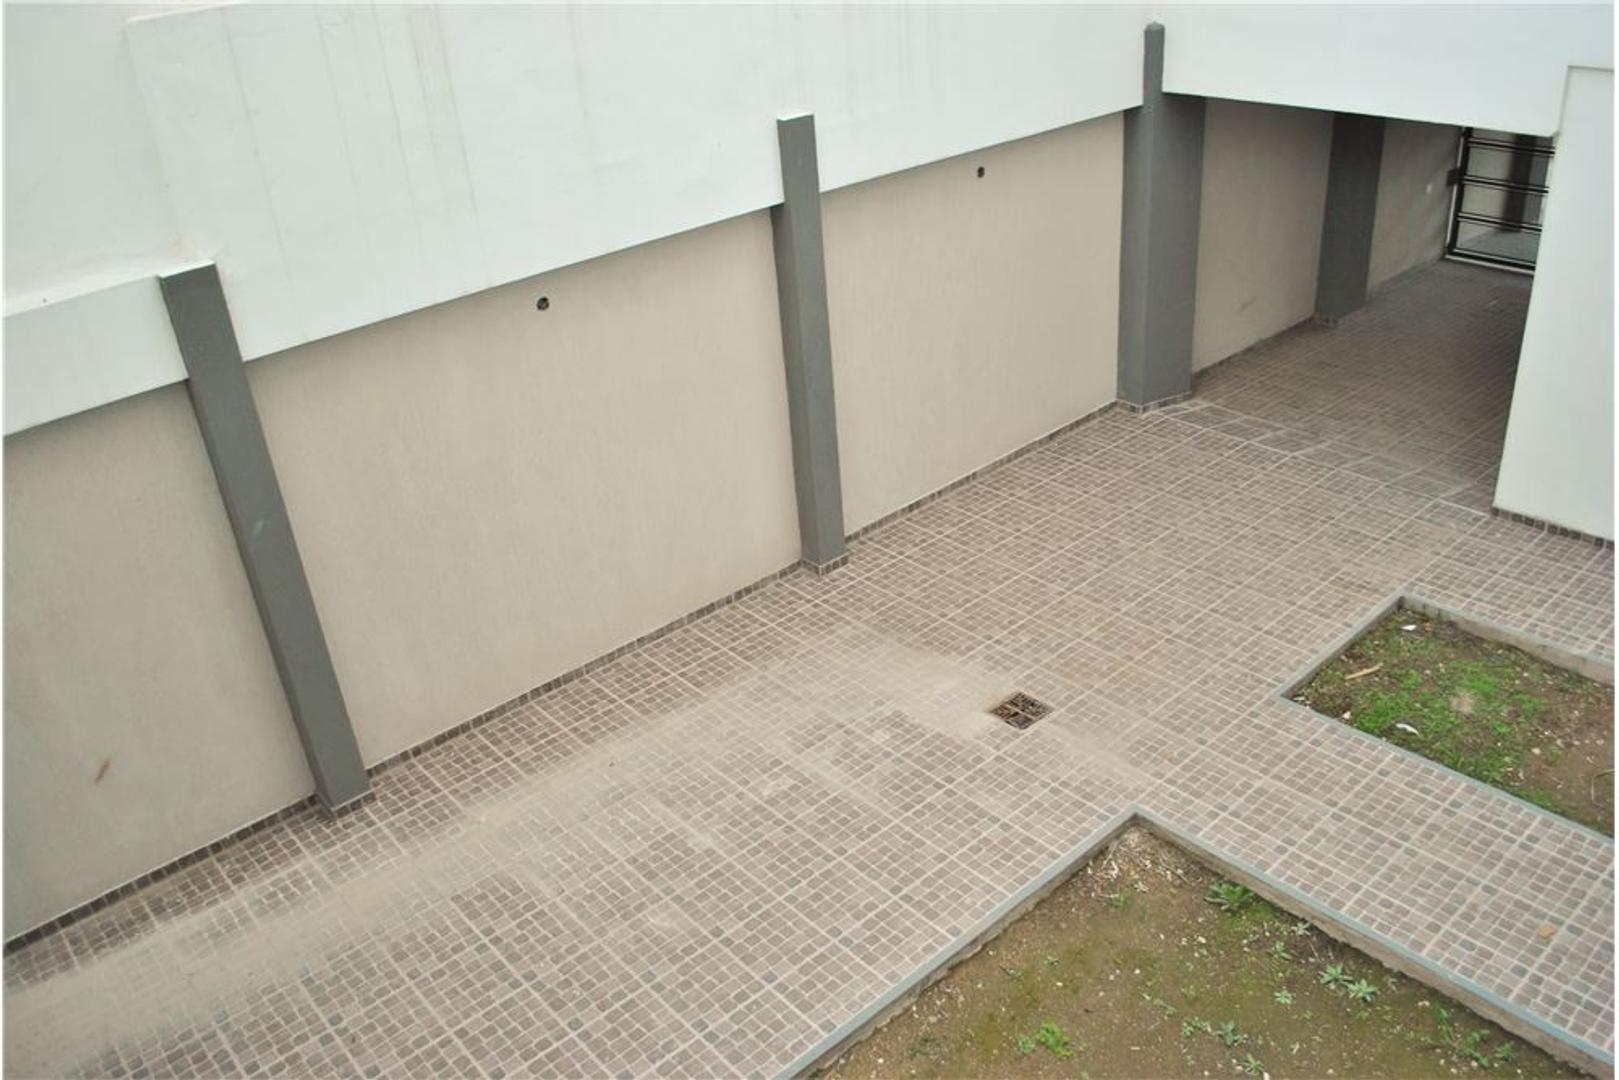 Departamento monoambiente a estrenar Moreno - Foto 20